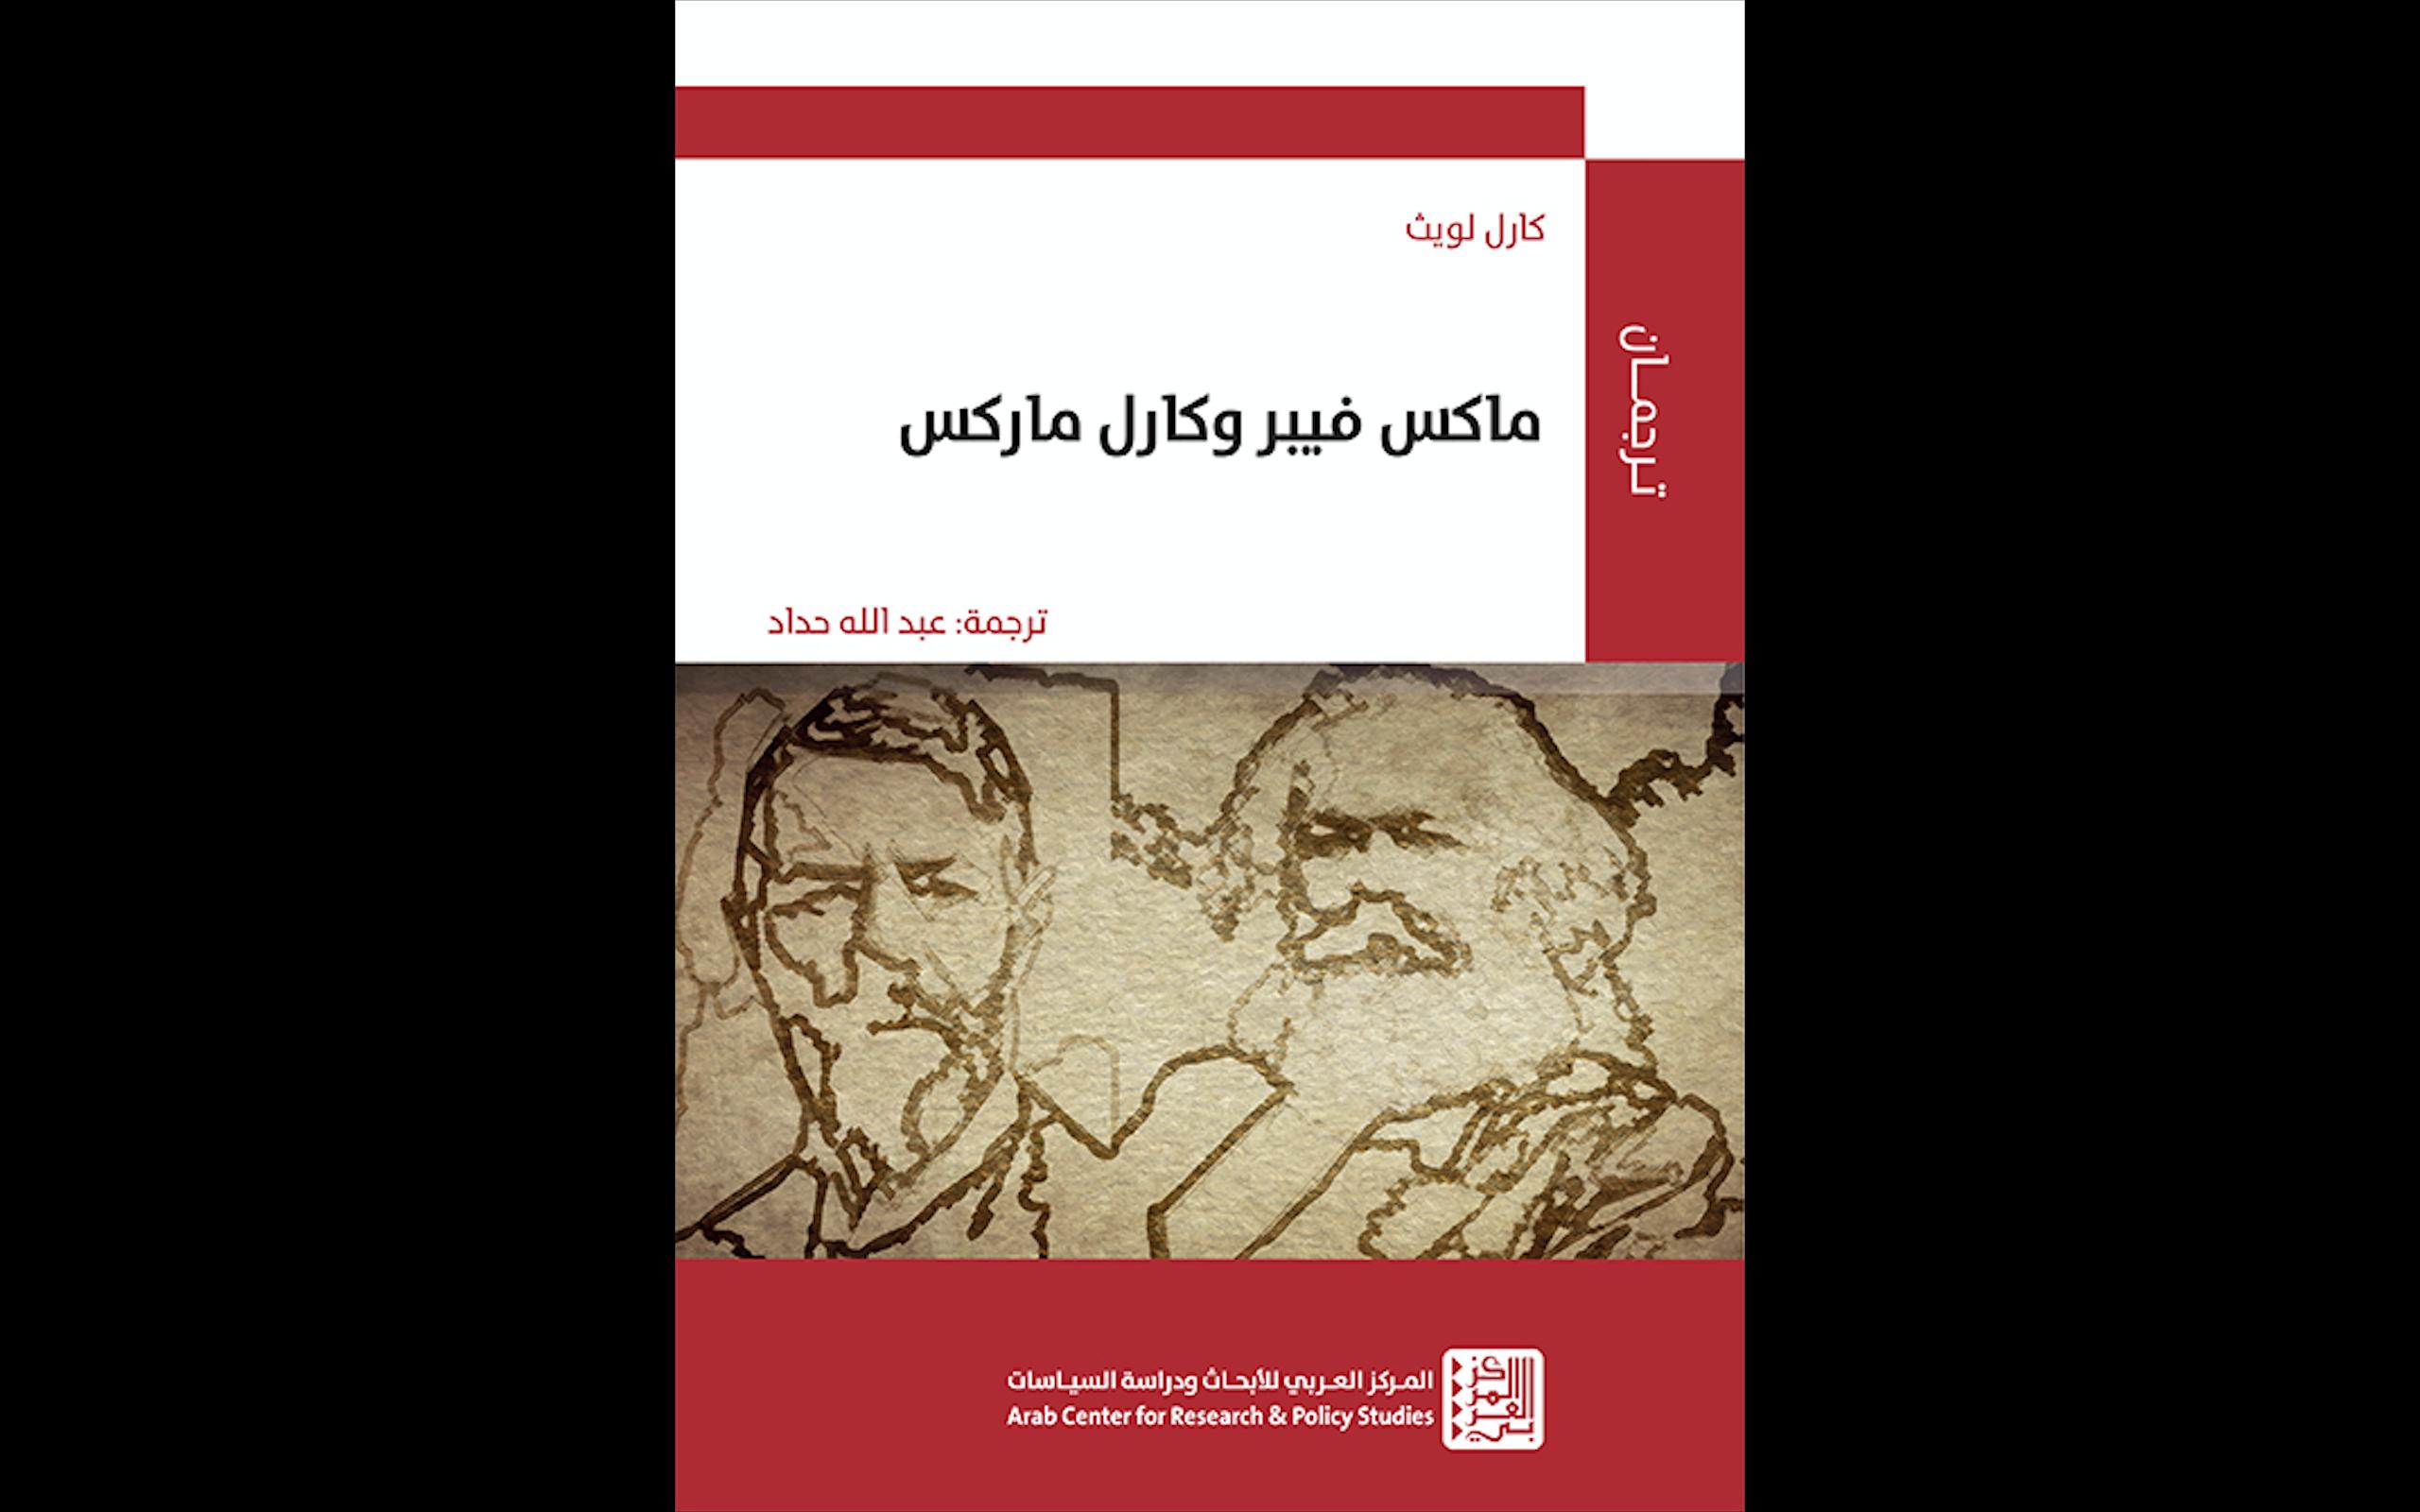 جديد: «ماكس فيبر وكارل ماركس»